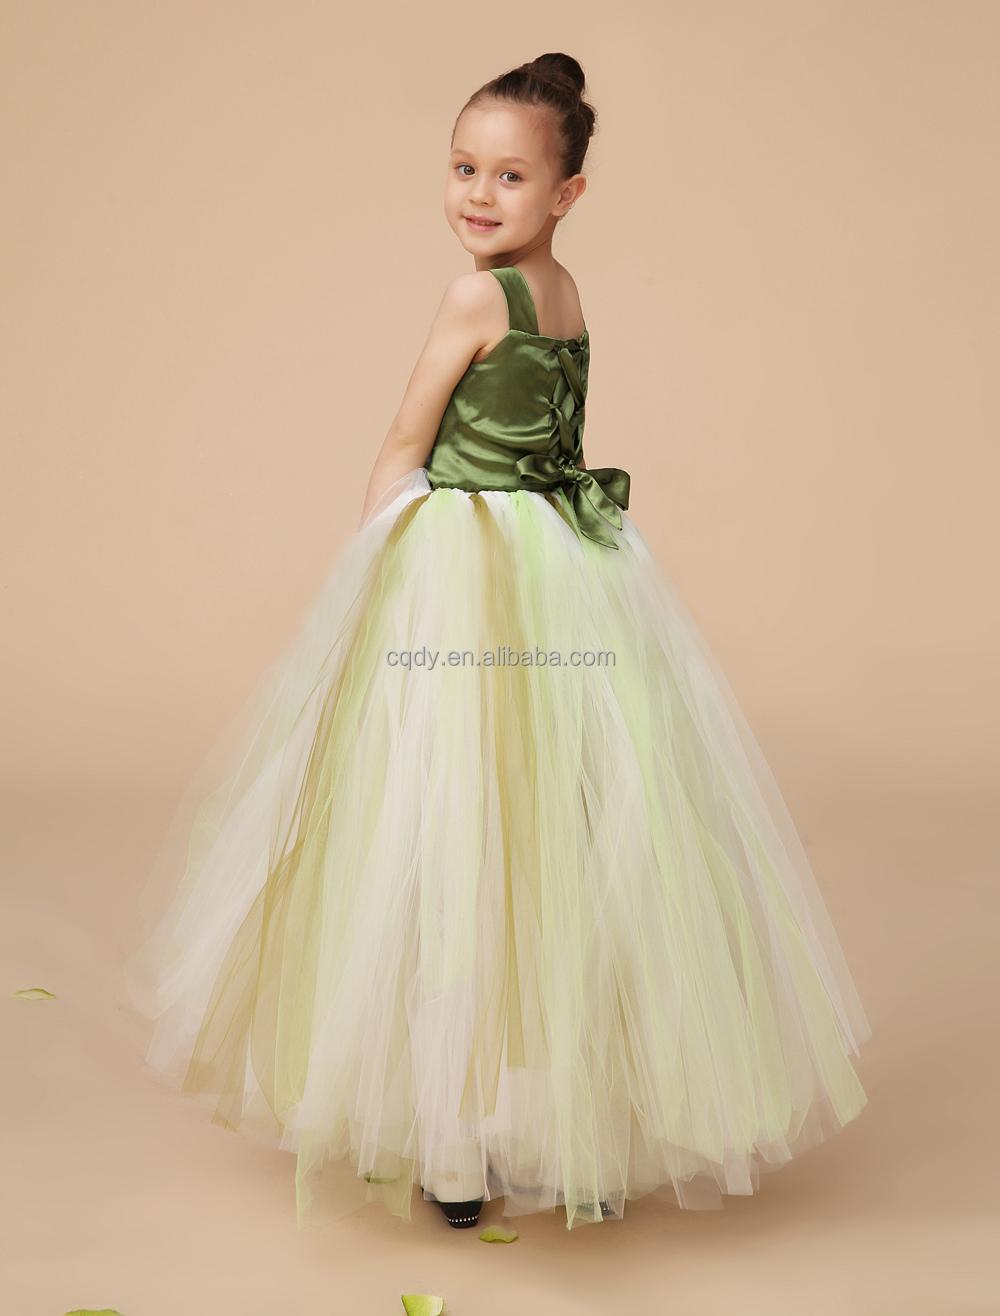 New Lace Tulle Tutu Flower Girl Dress Wedding Easter Junior